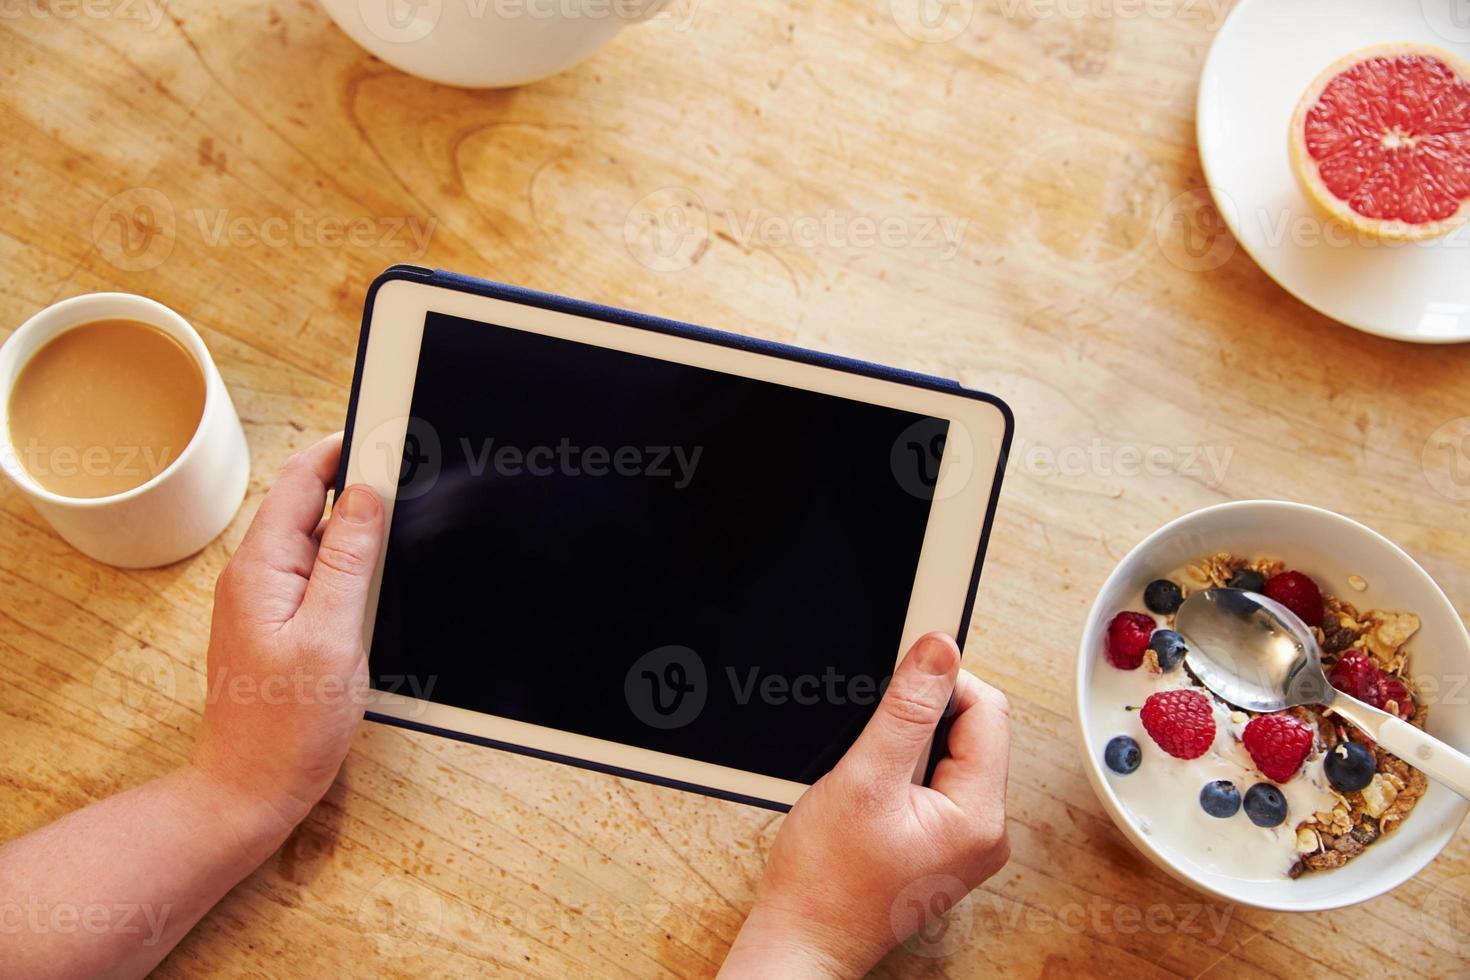 persona mirando tableta digital mientras desayuna foto